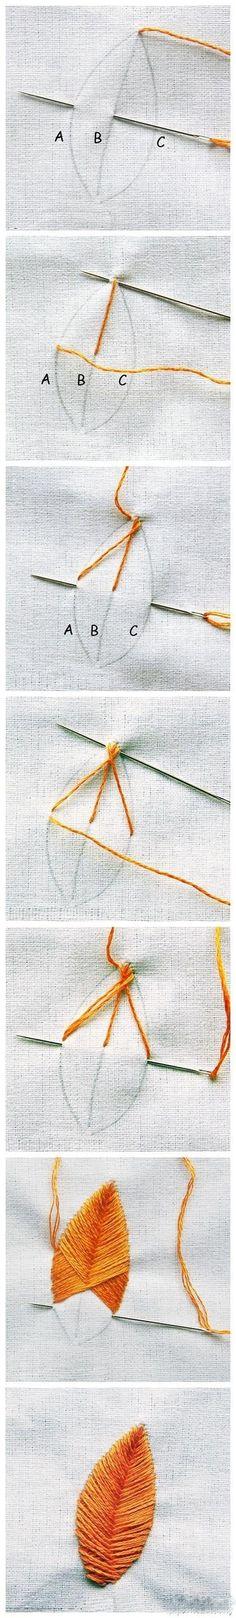 bordado relleno (hoja)